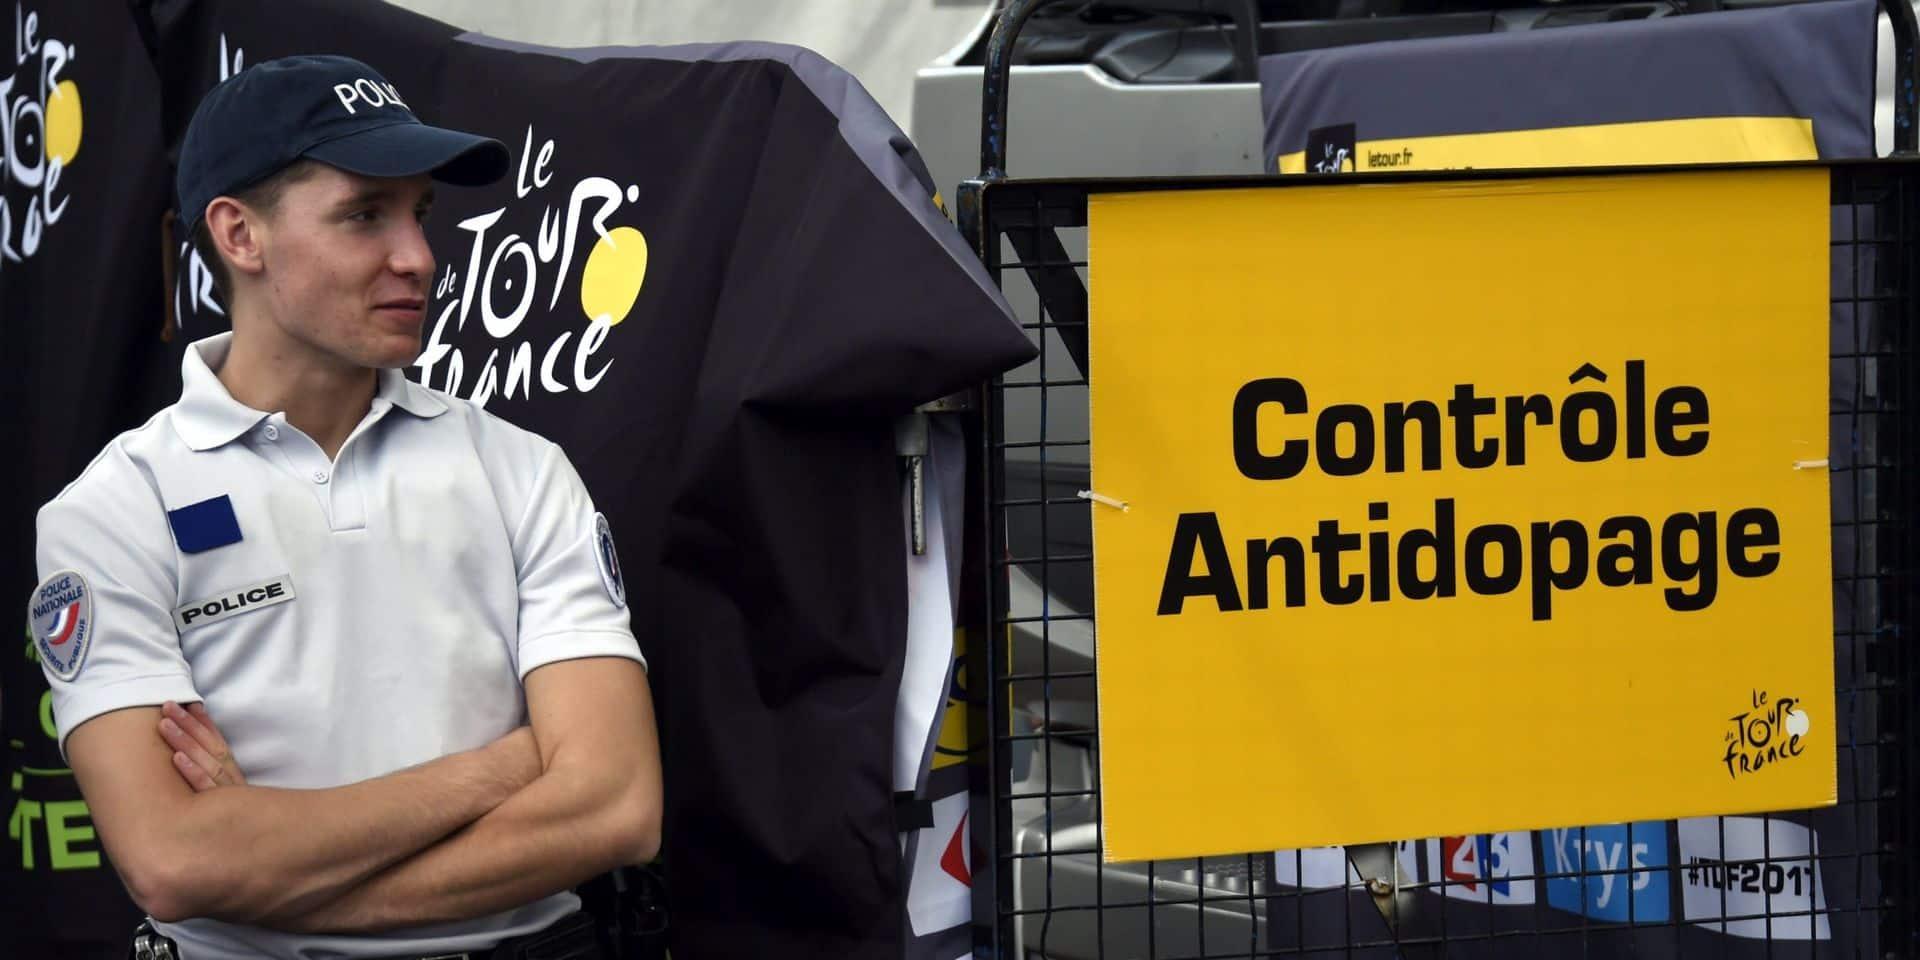 De nouvelles analyses d'échantillons des éditions 2016 et 2017 du Tour de France